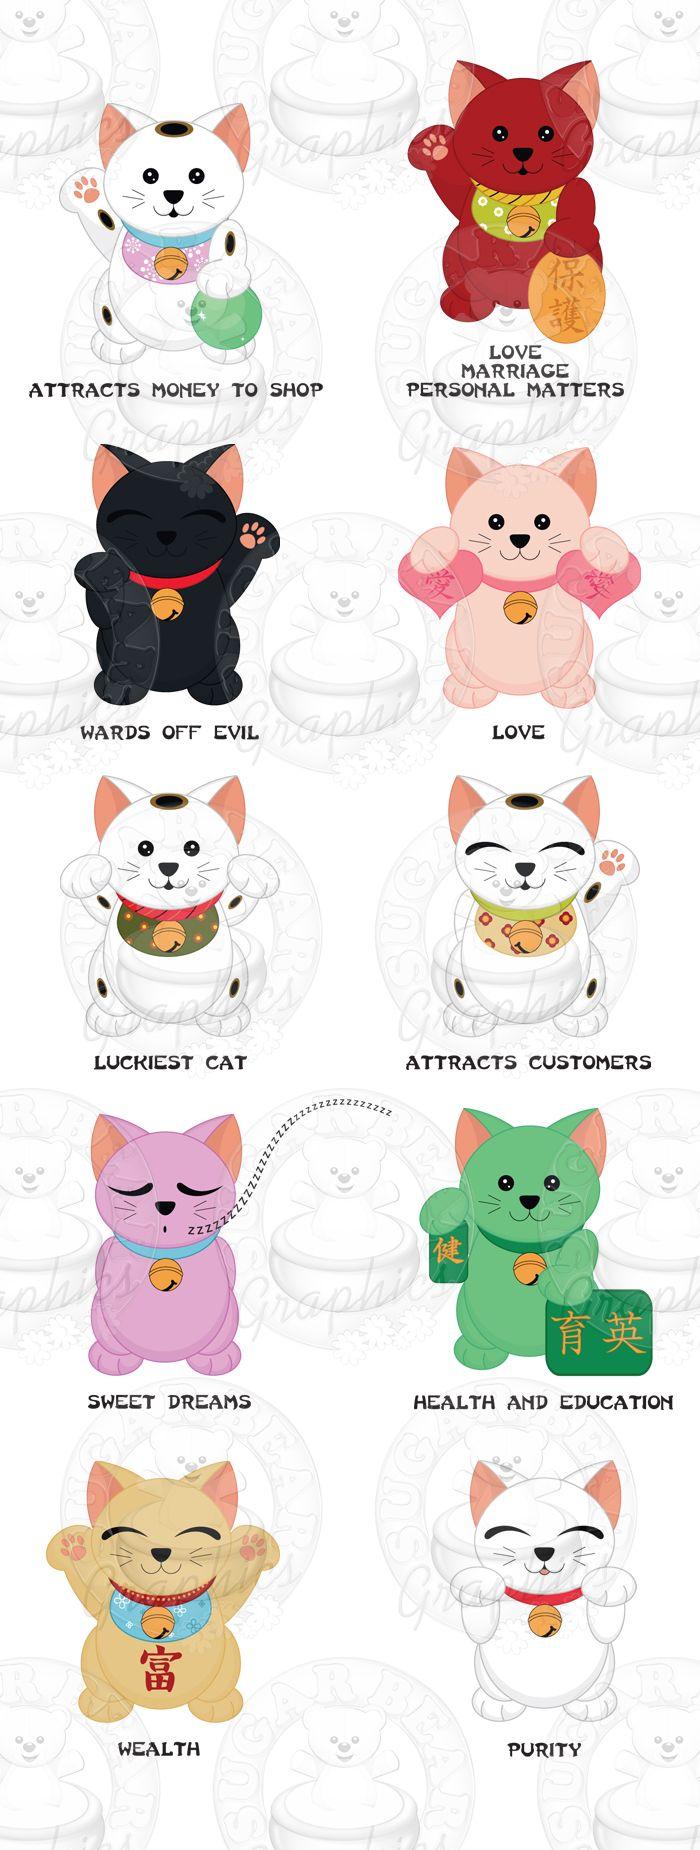 Many Lucky Cats